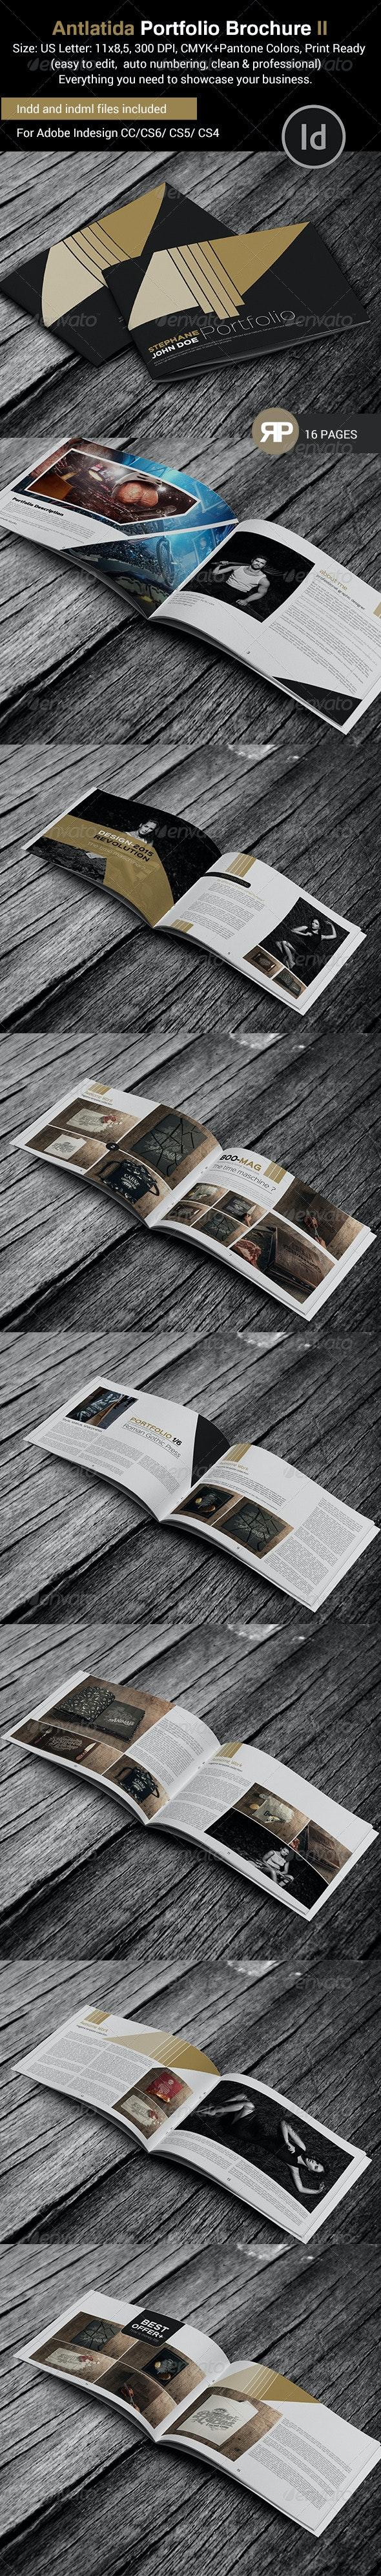 Antlantida Portfolio Brochure Template - Portfolio Brochures